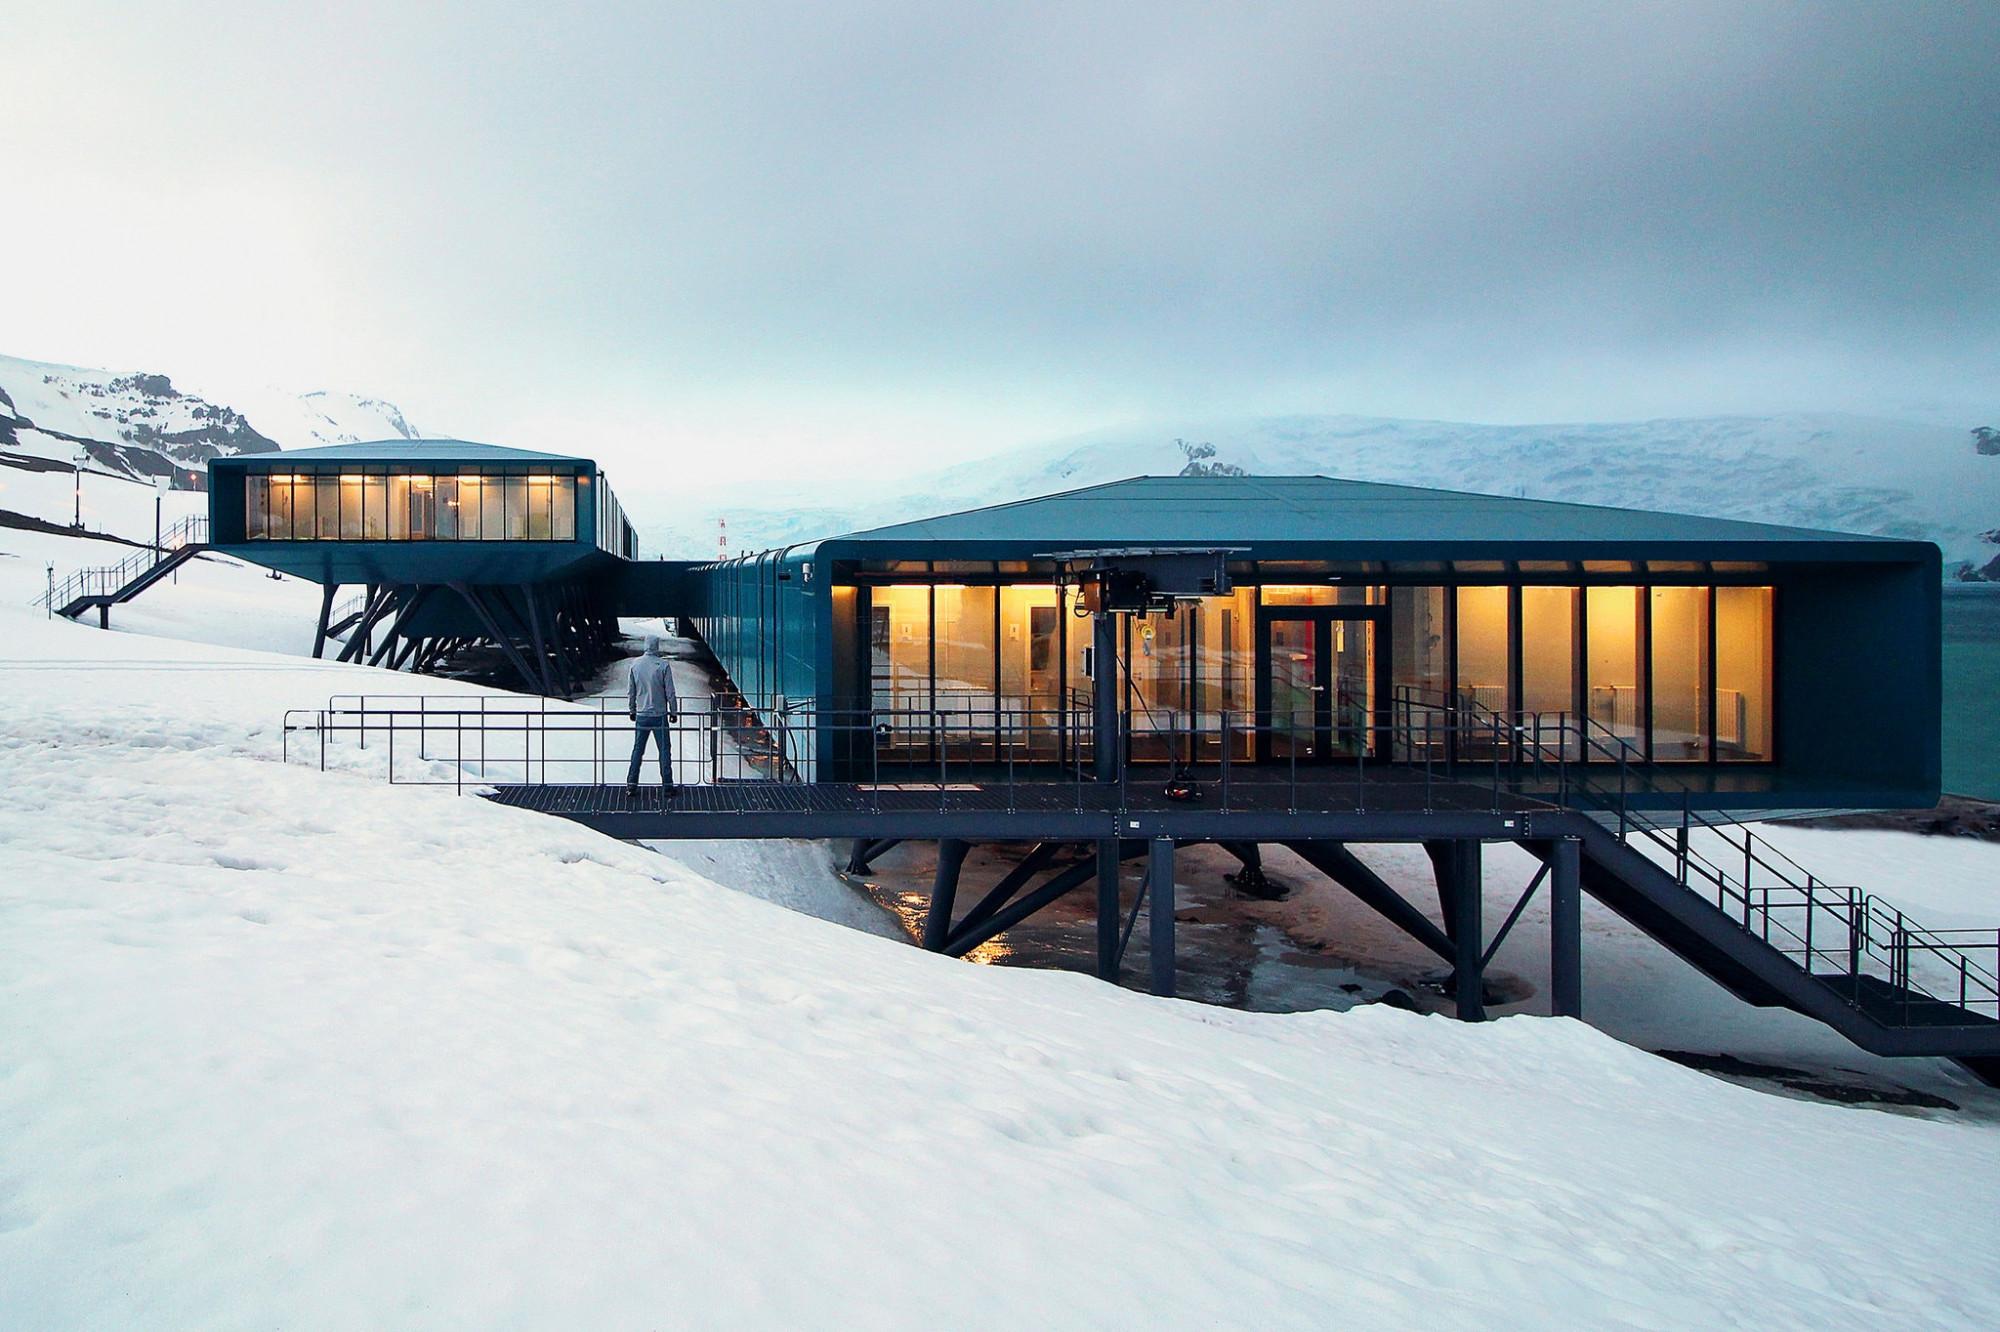 00sci-antarctic-architecture1-superjumbo